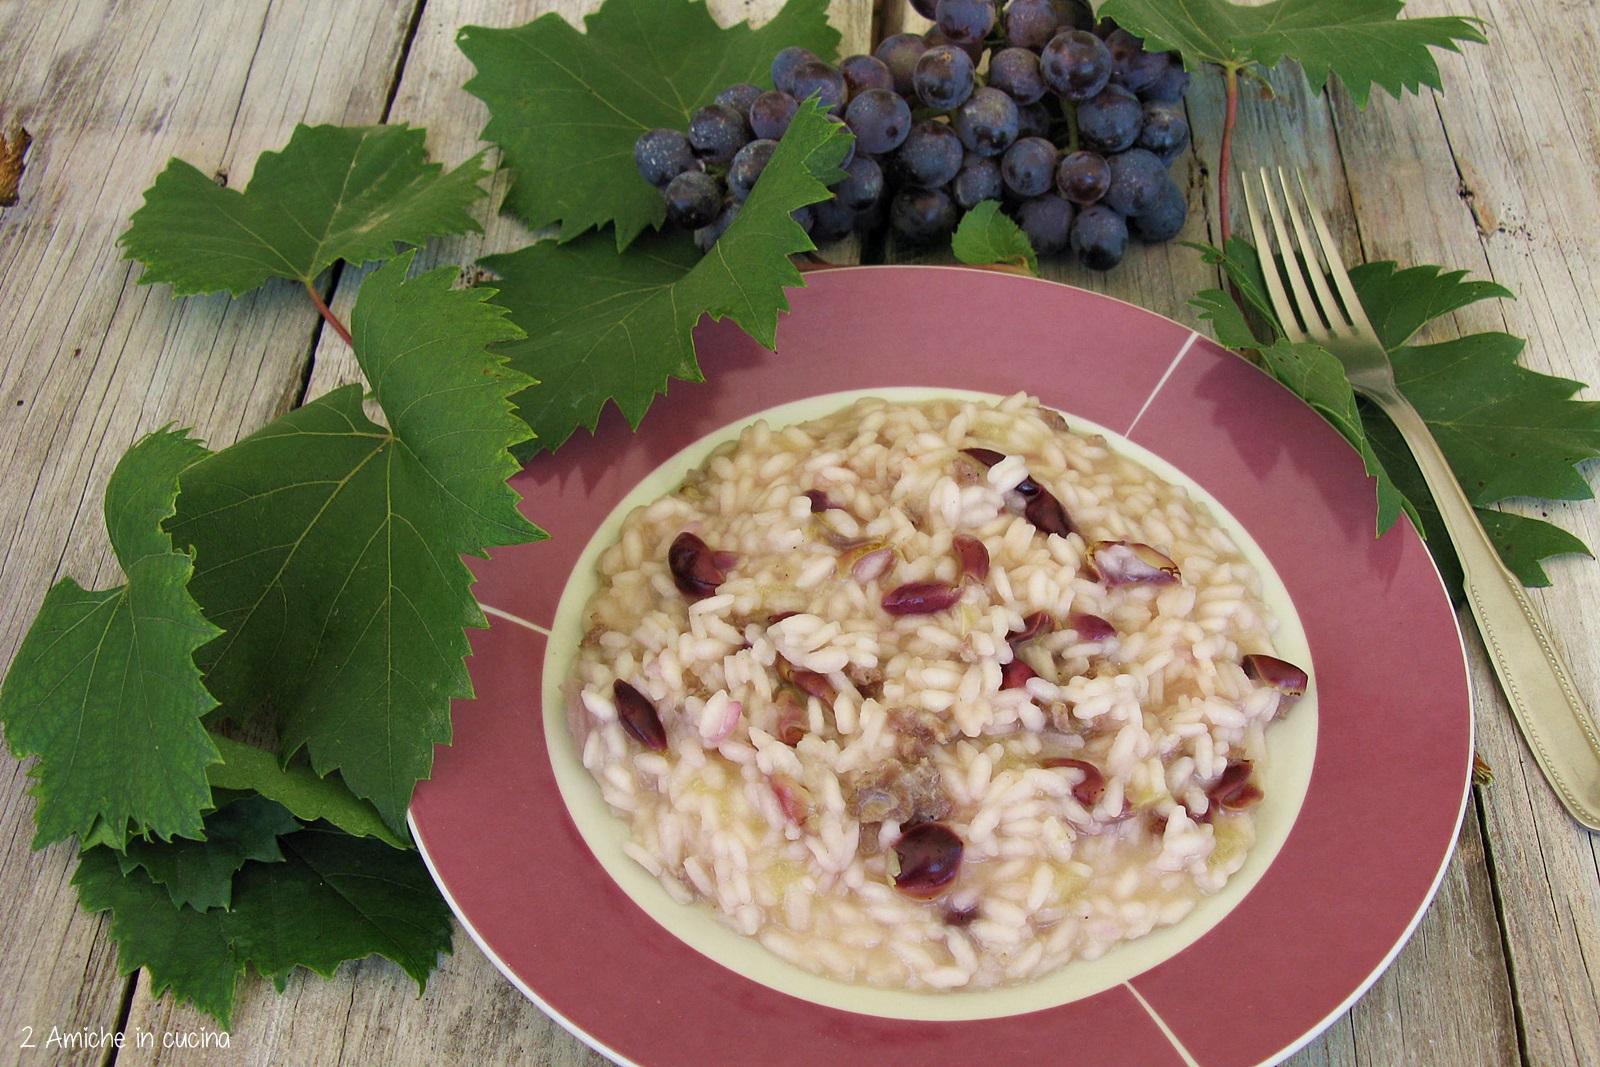 Uva e mosto - 6 ricette facili per utilizzarli in cucina